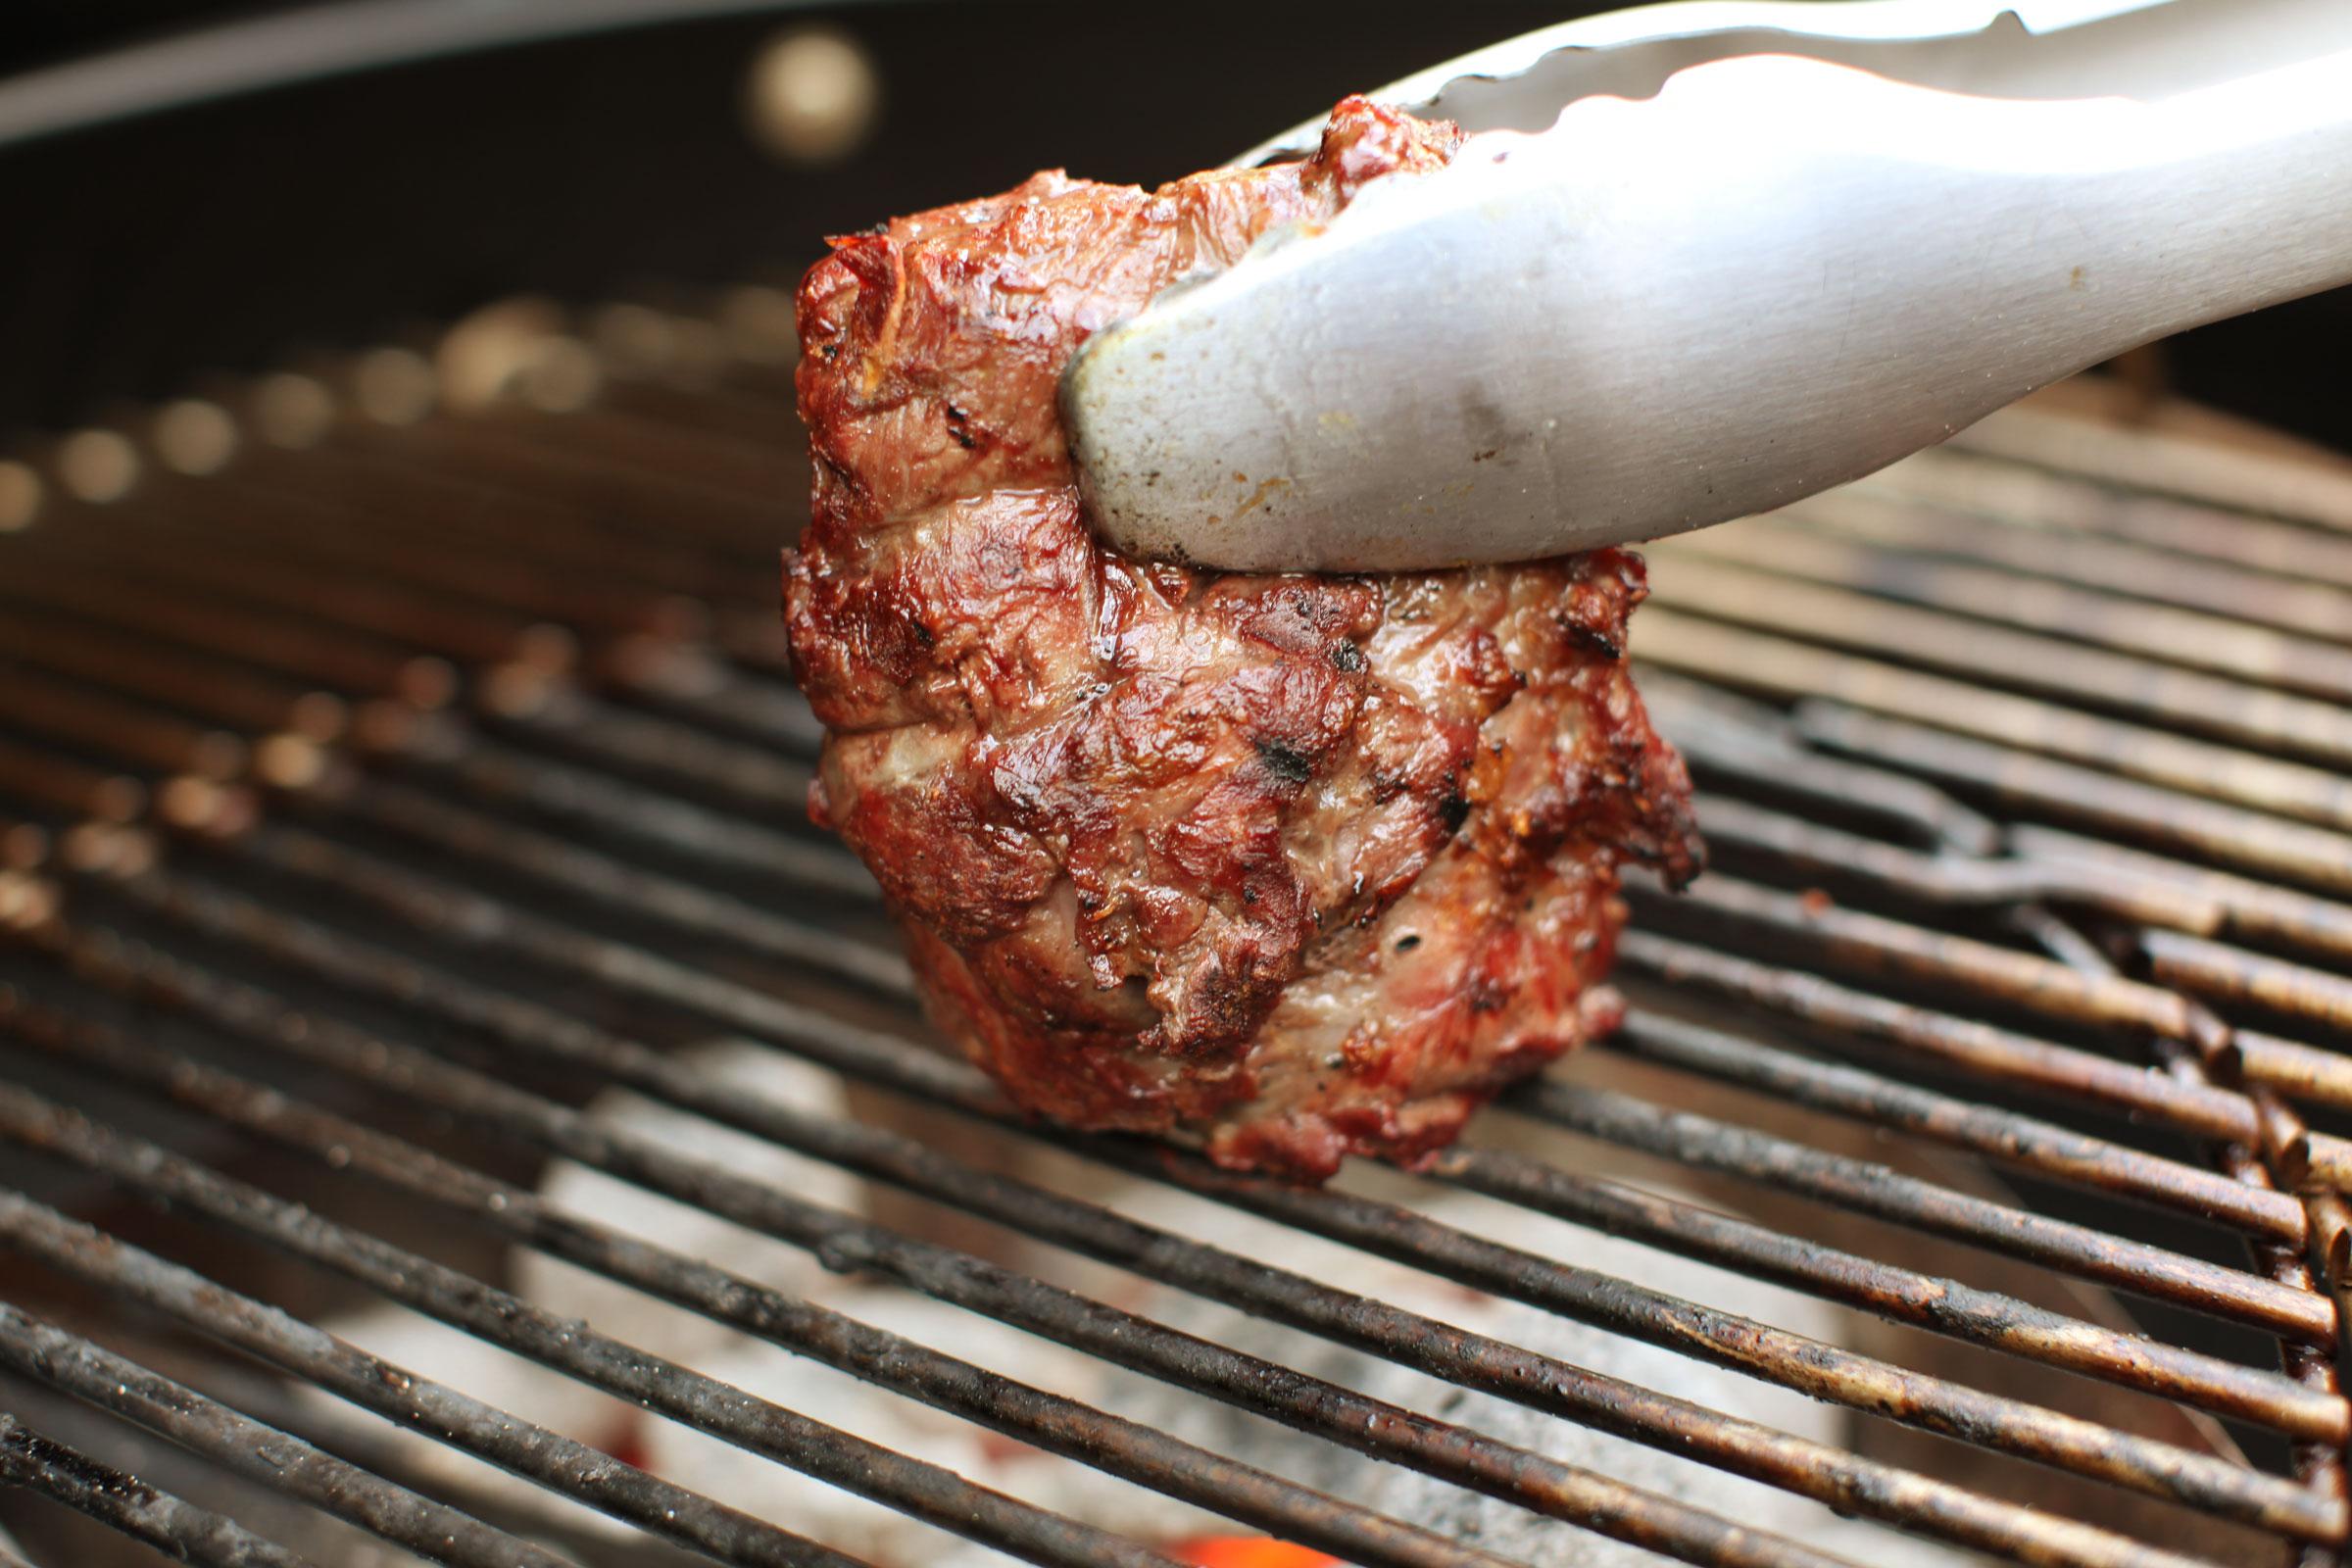 Gegrillte Schweinsfledermaus vom Grill schmeckt einfach herrlich.